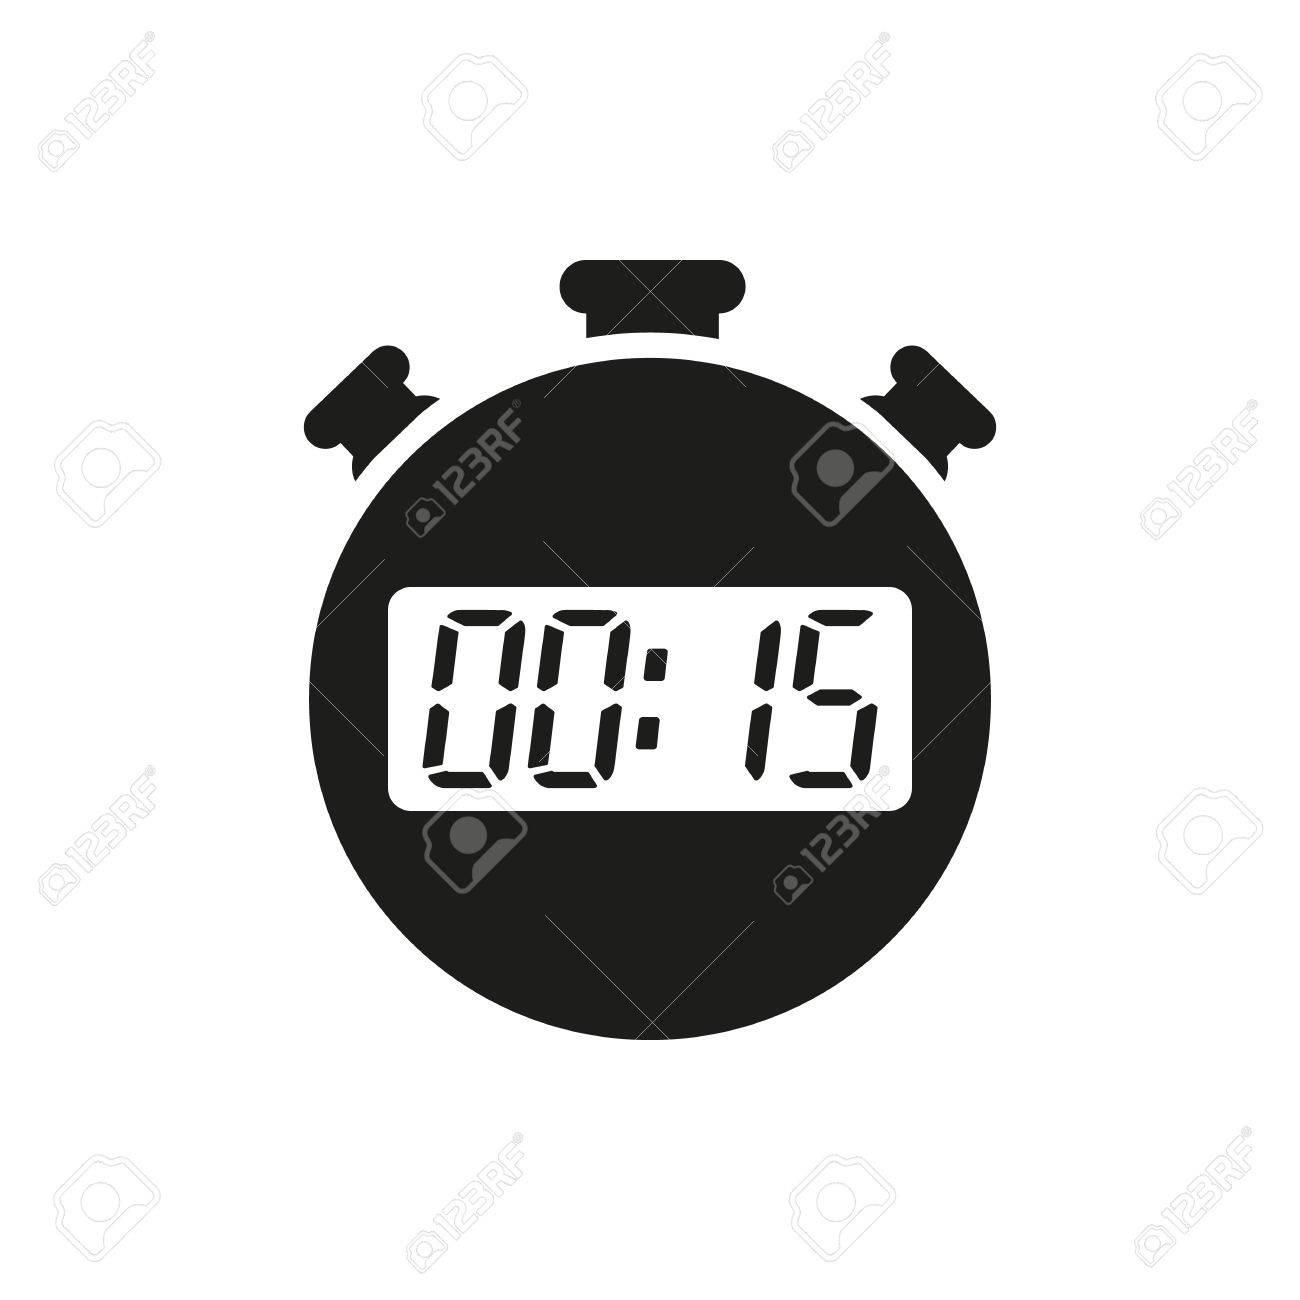 timer 15